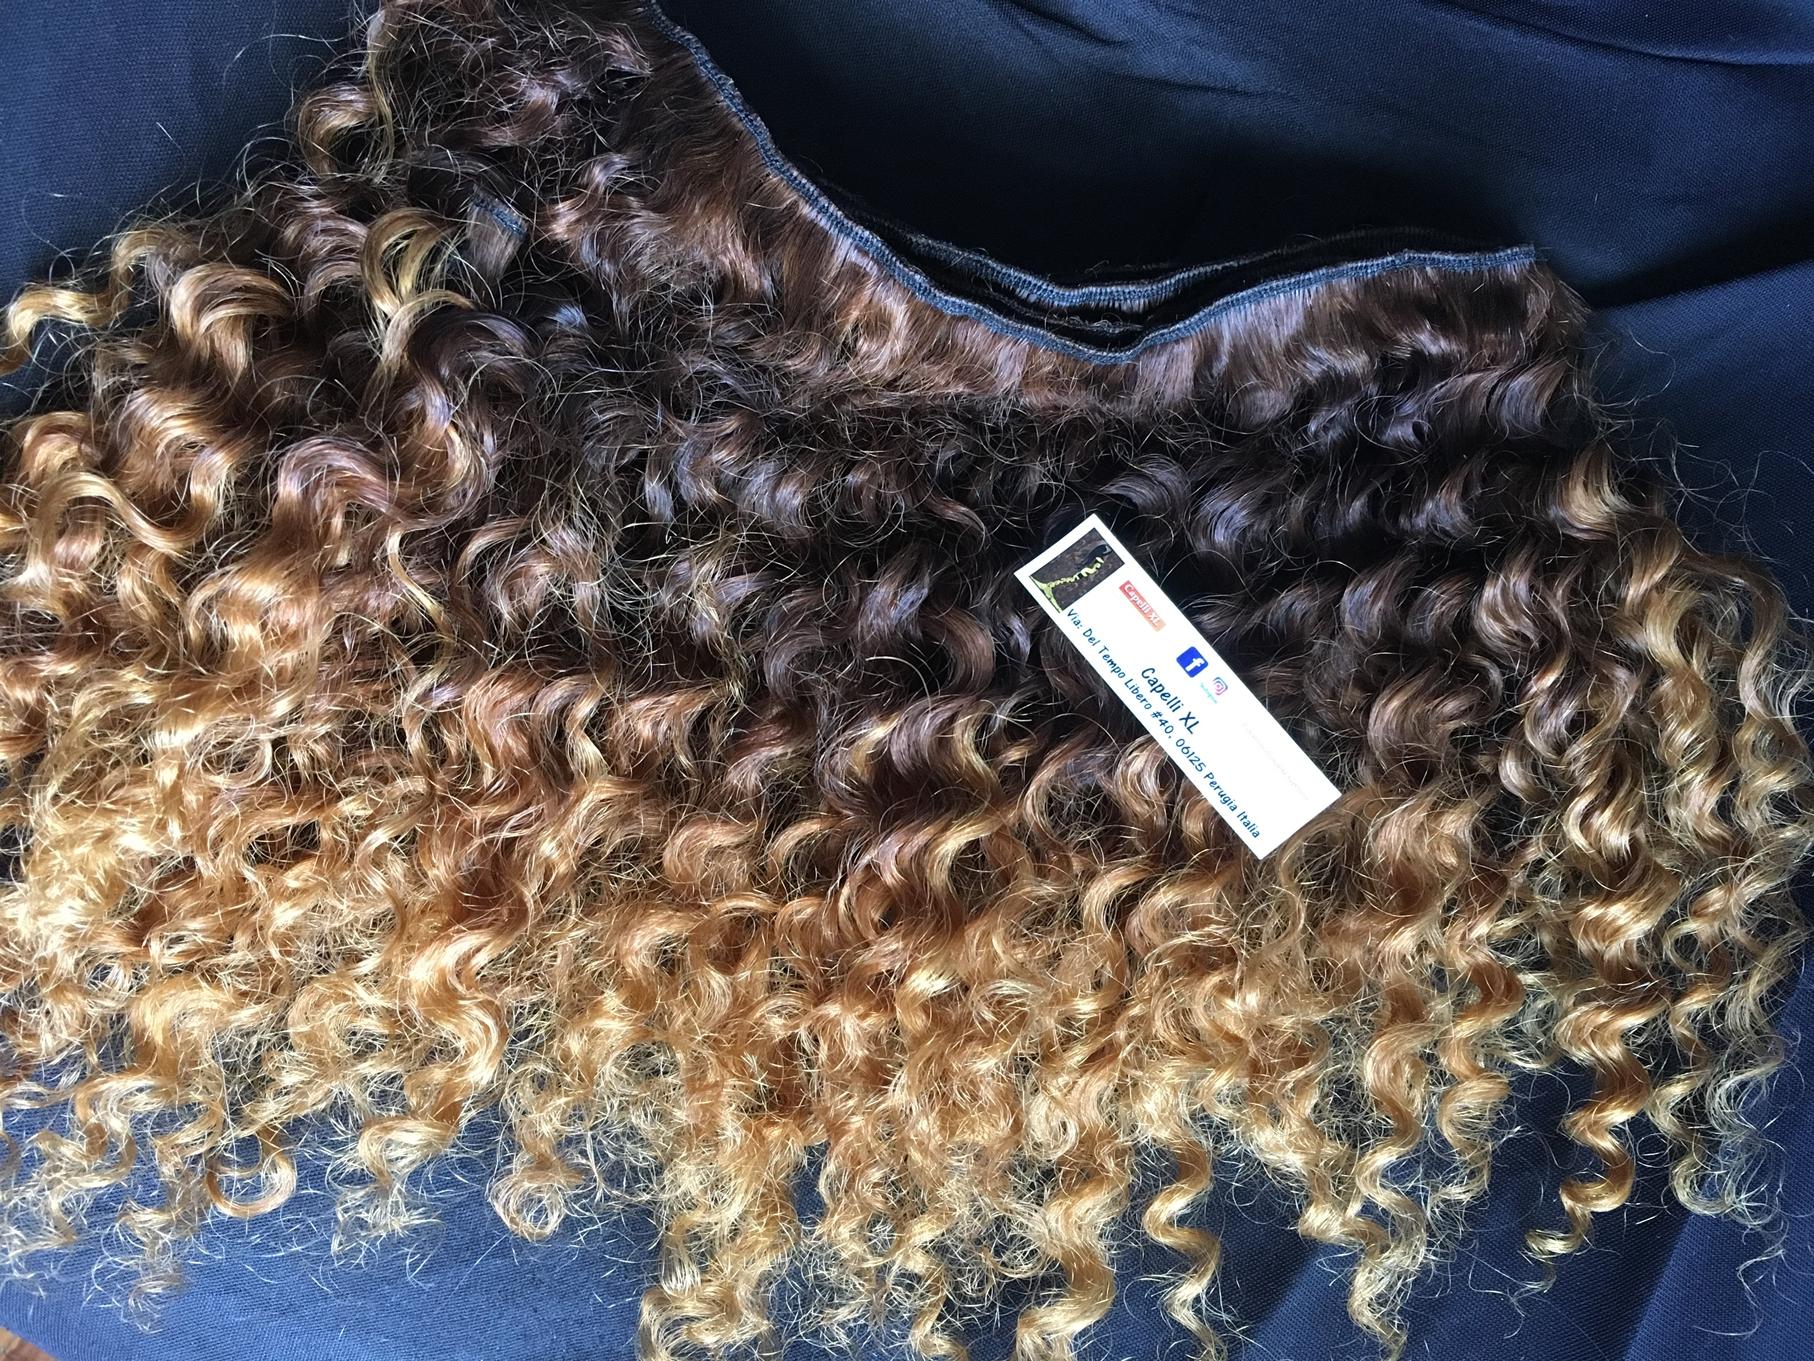 Capelli veri remyper extension colore Balayage capelli ricci sfumati Shatush